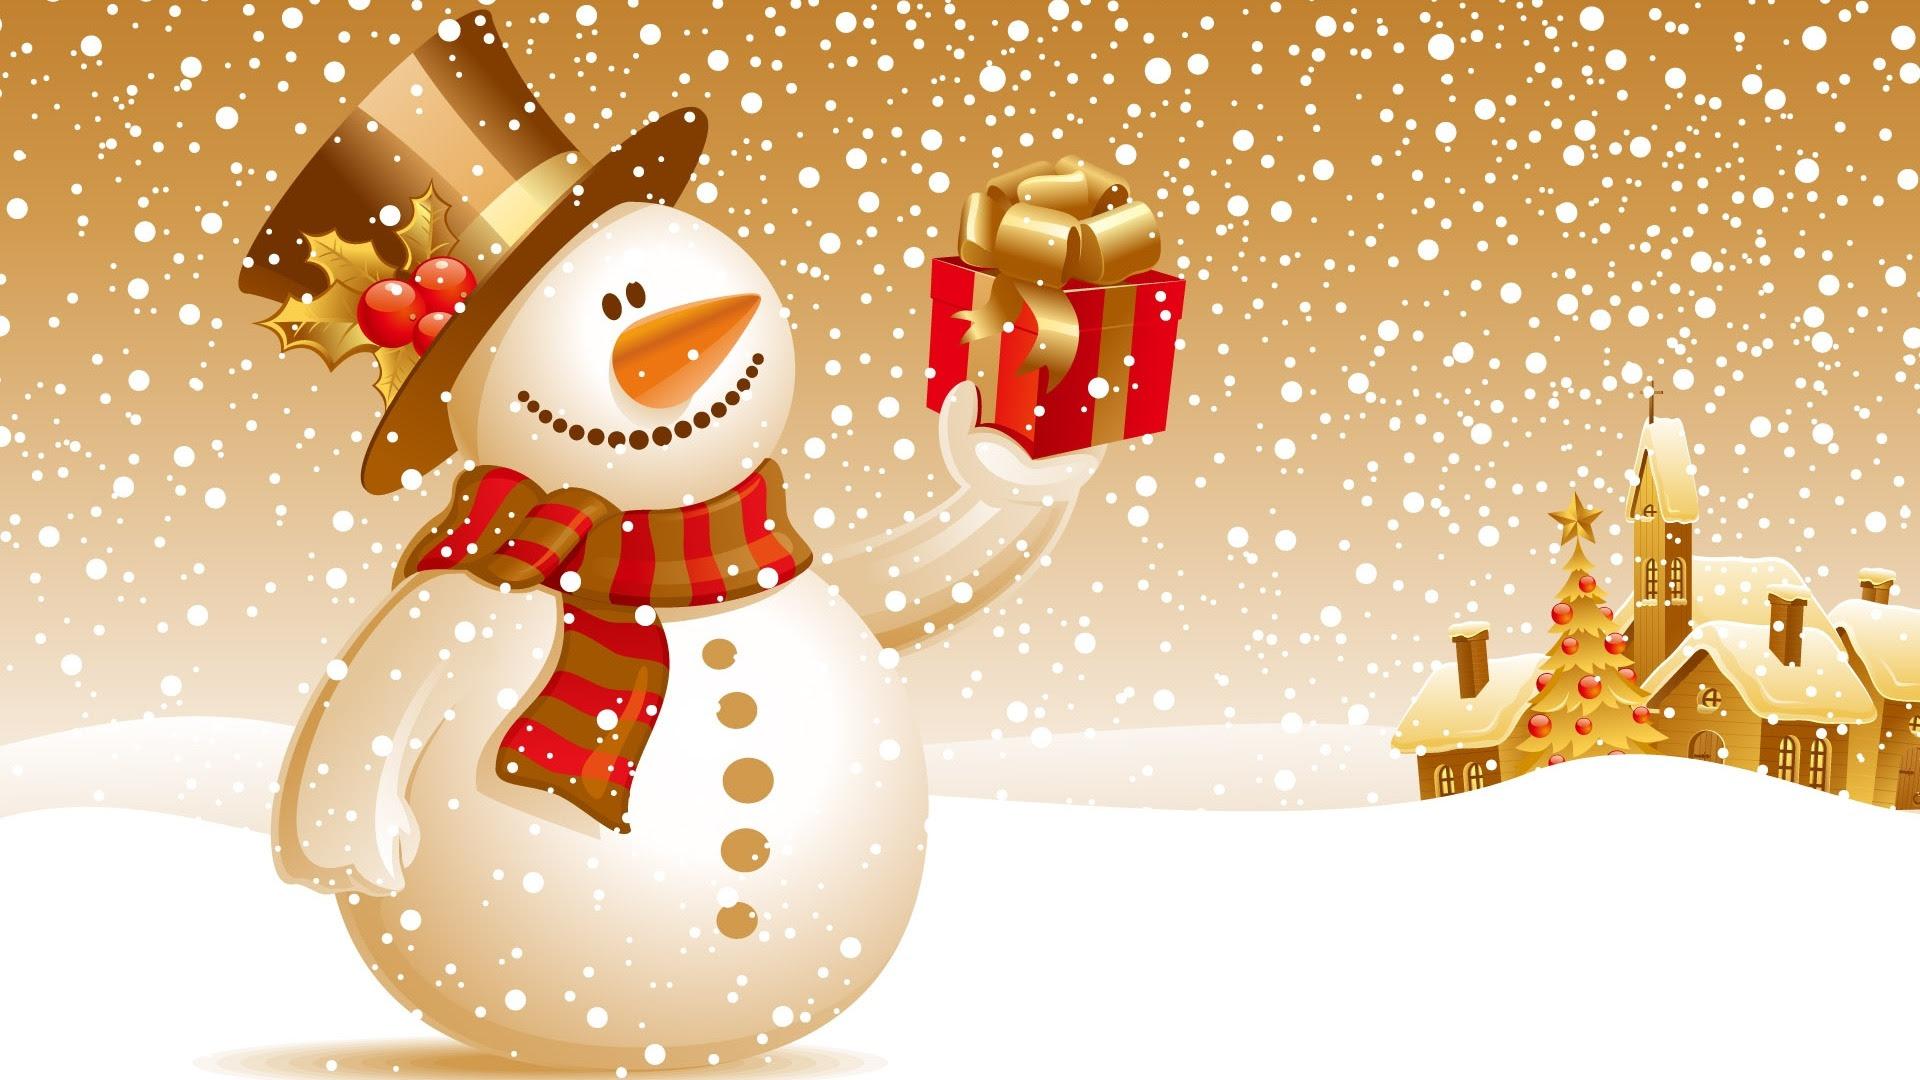 クリスマスの壁紙のhd 43 1920x1080 お洒落クリスマス気分な